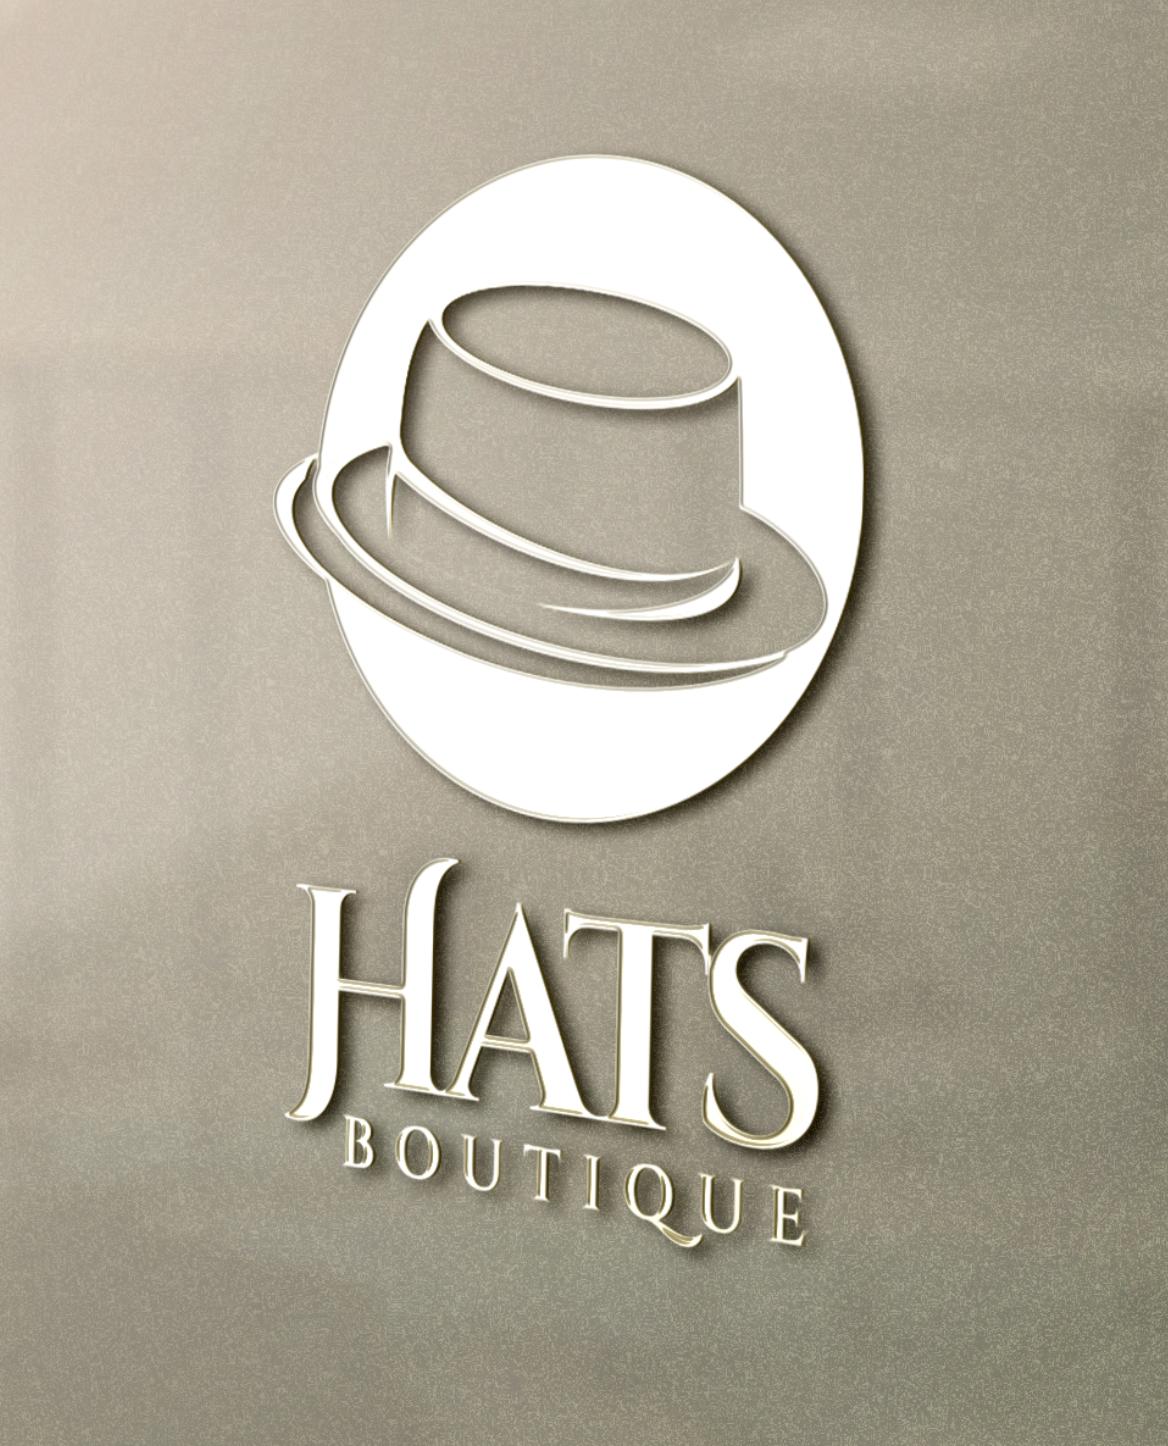 High Quality Logo Design This Logo Is Ideal For Man Apparel Store Fashion Logo Design Quality Logo Design Logo